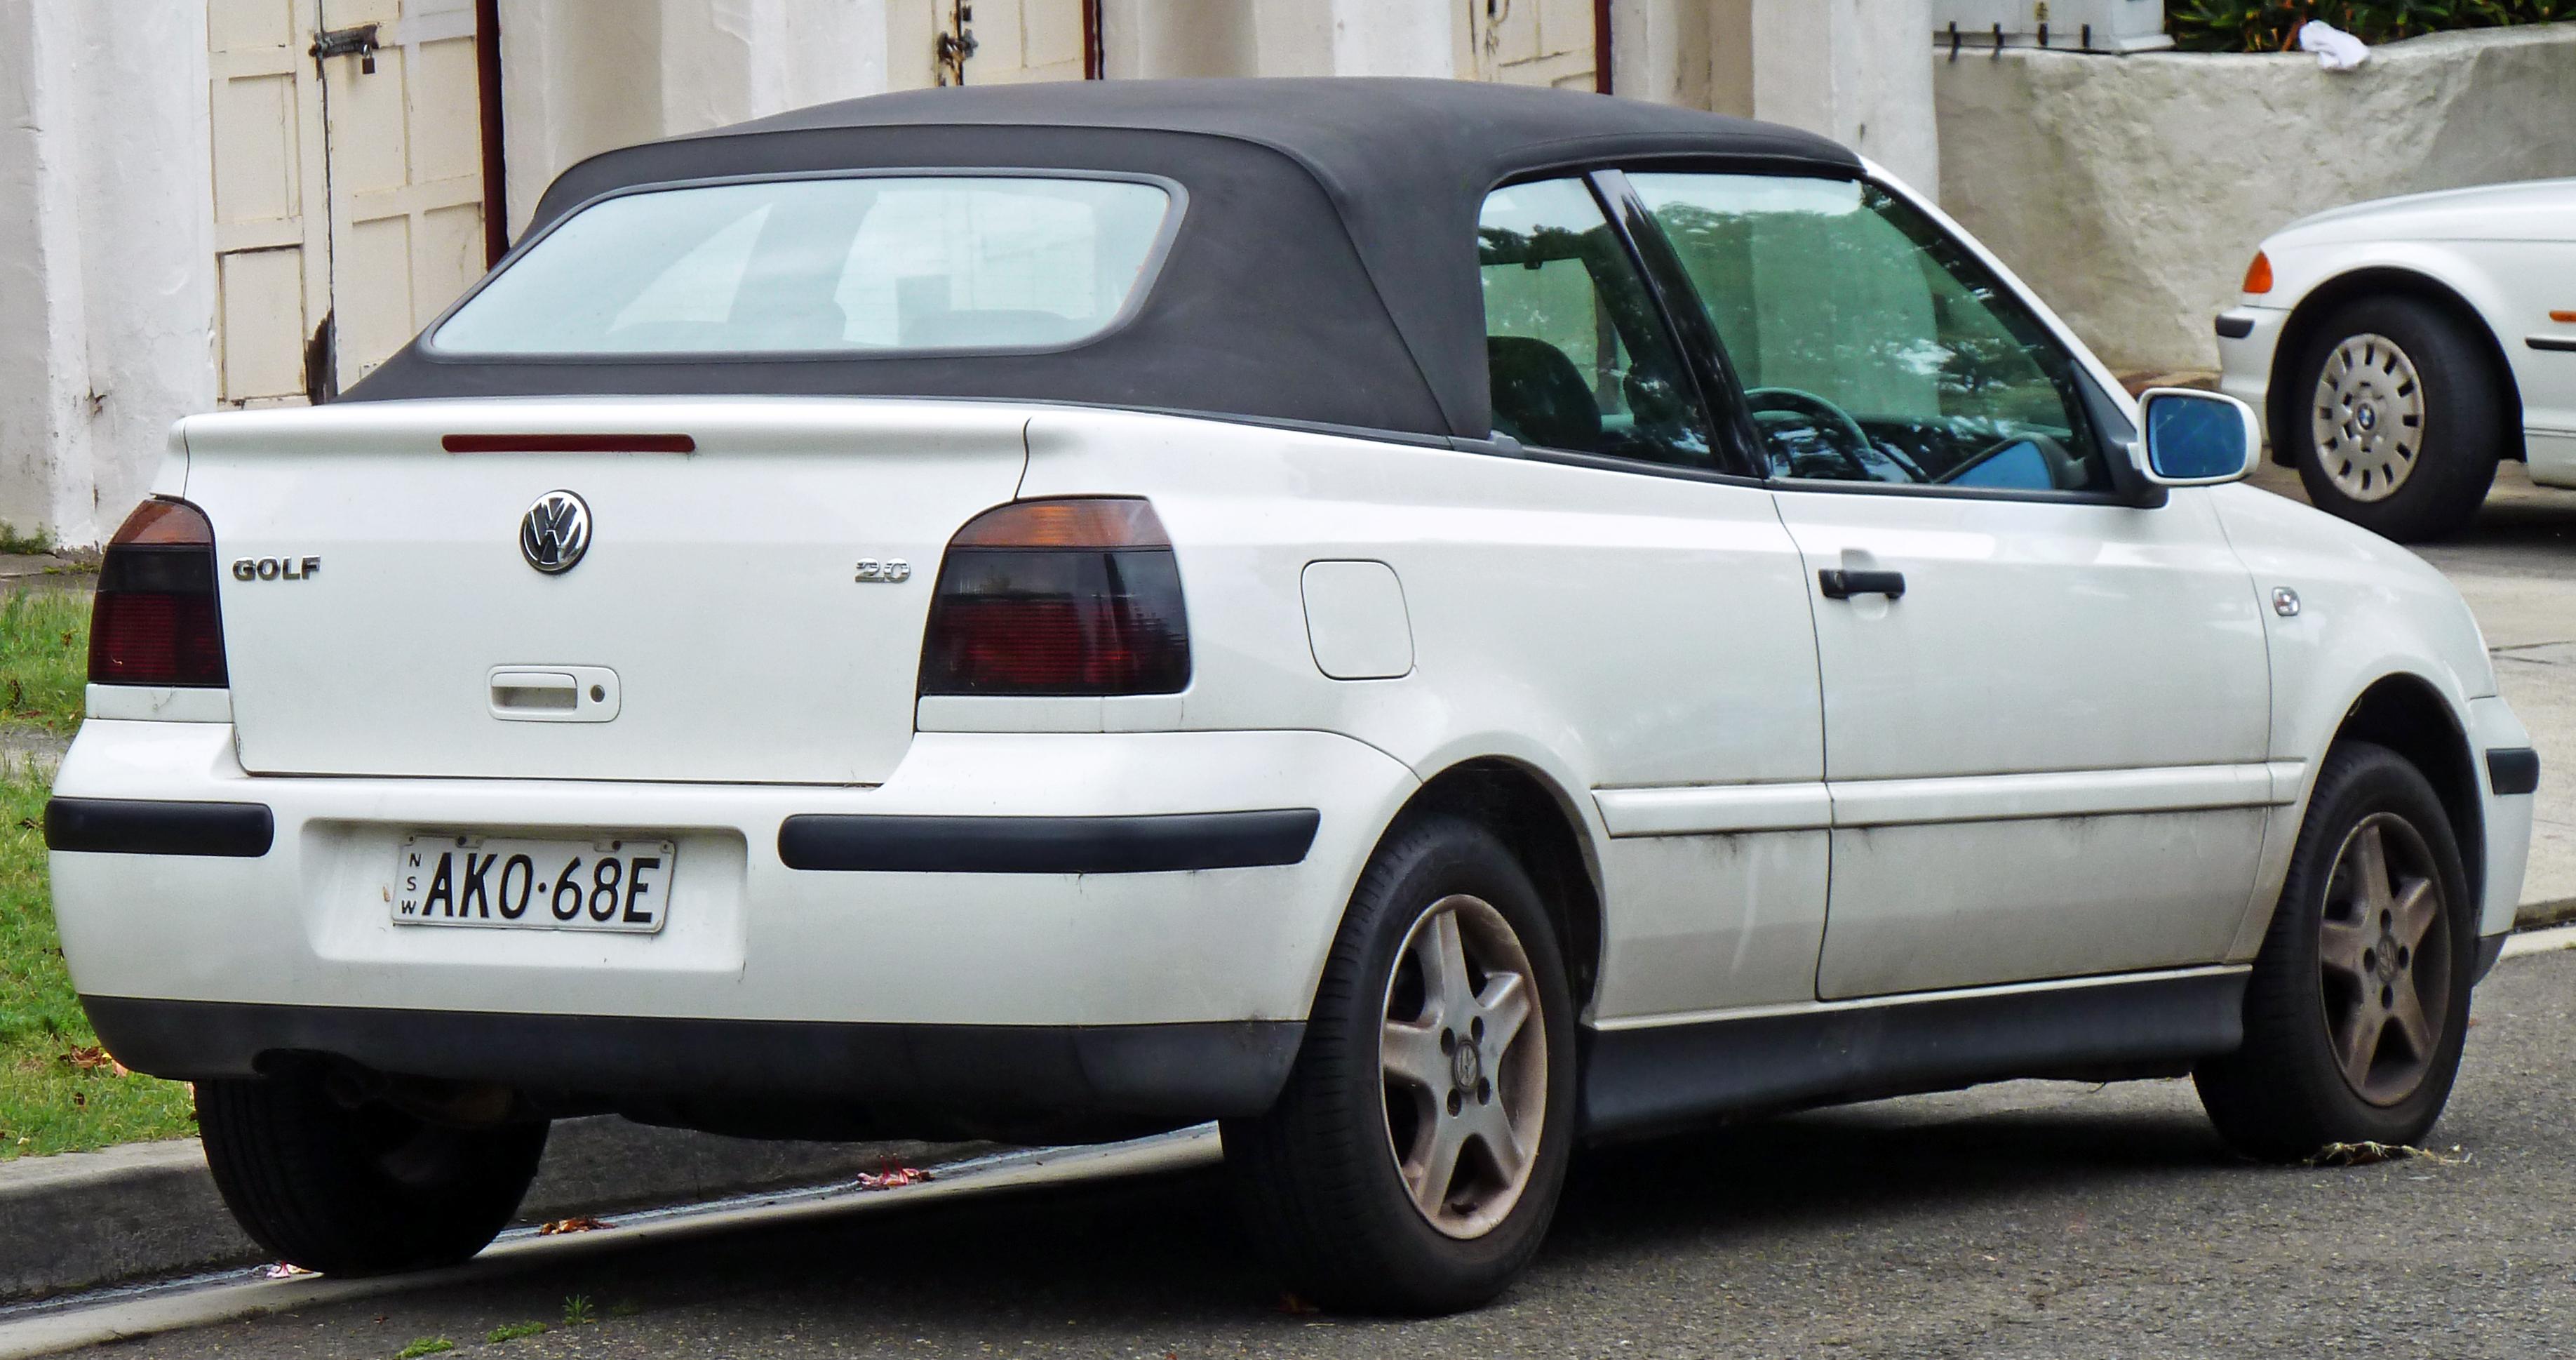 2000 Volkswagen Cabrio Image 7